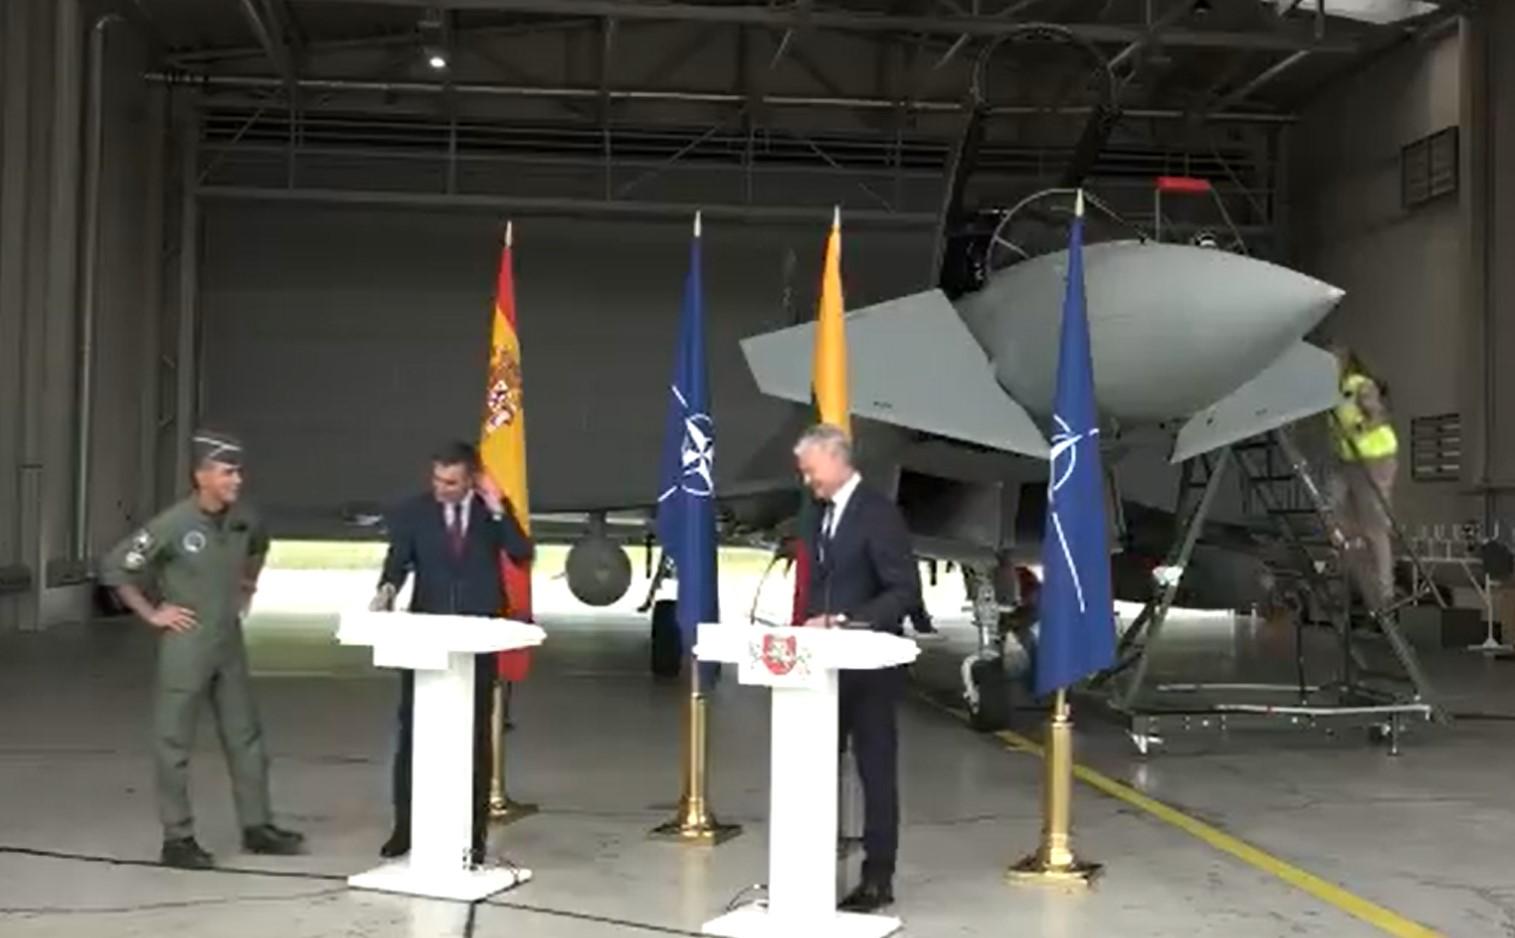 Rosyjski myśliwiec przeszkodził w konferencji prasowej na Litwie